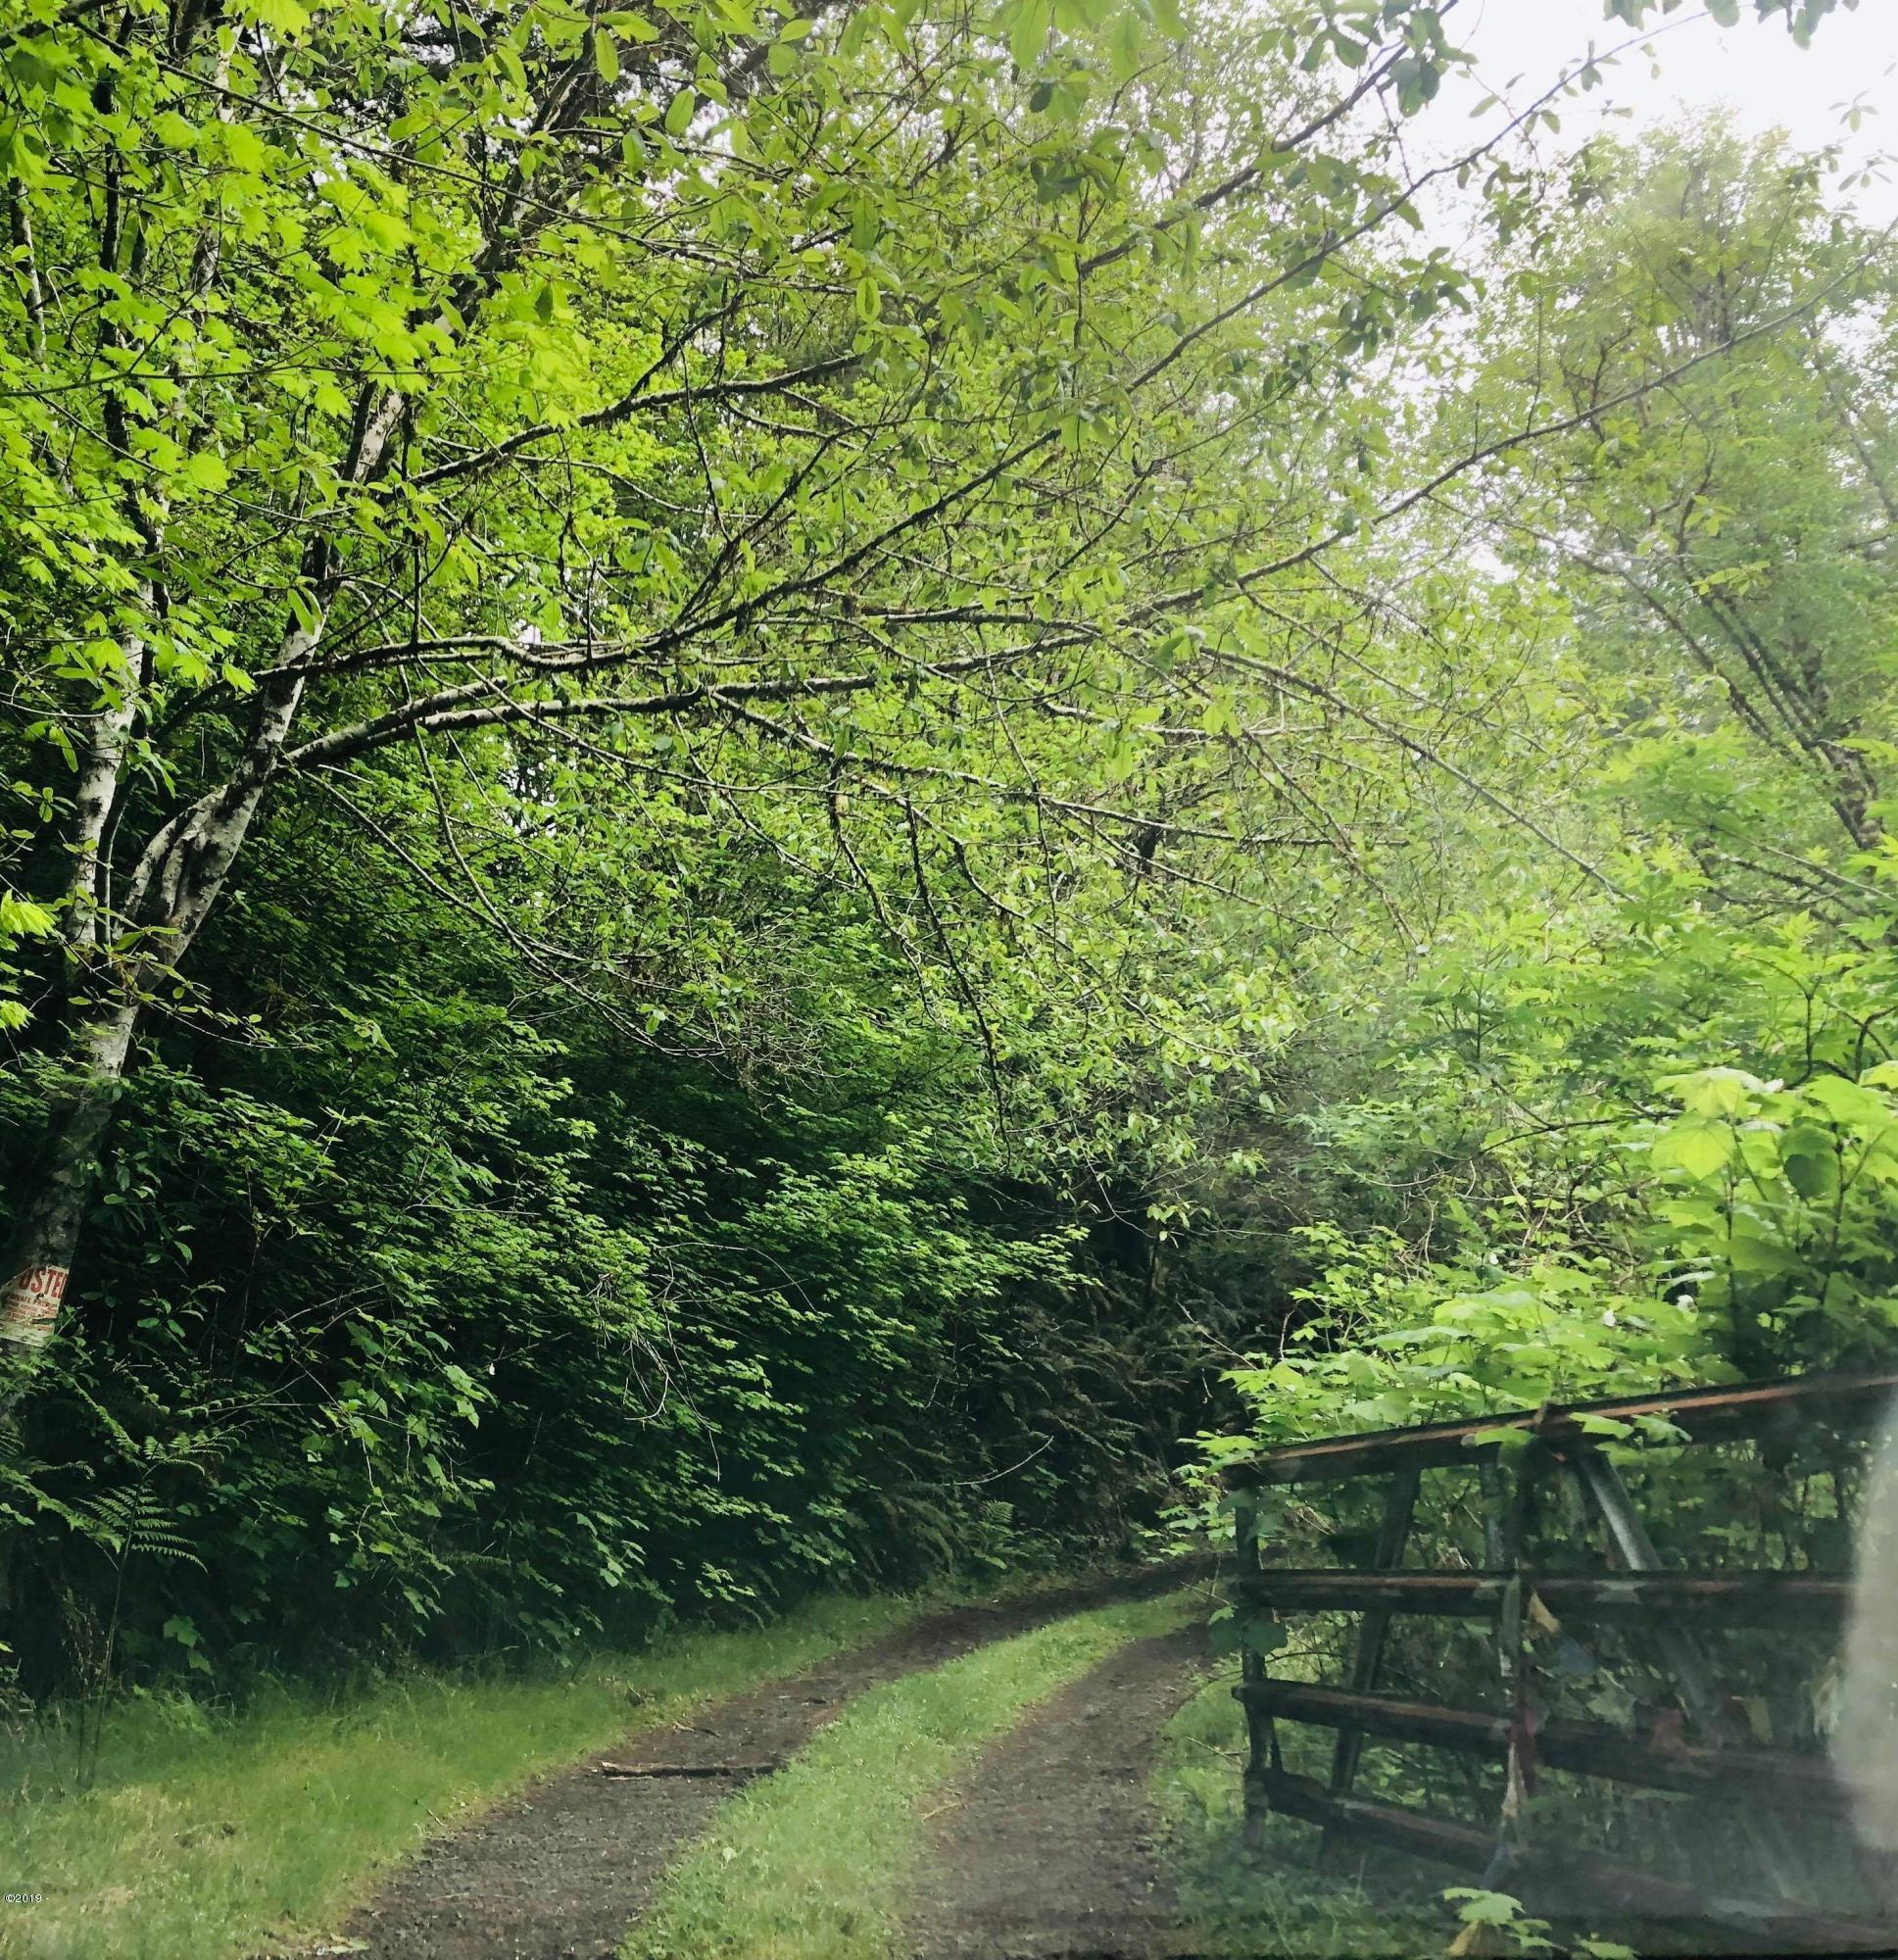 9343 S Schooner Creek Rd, Otis, OR 97368 - Driveway